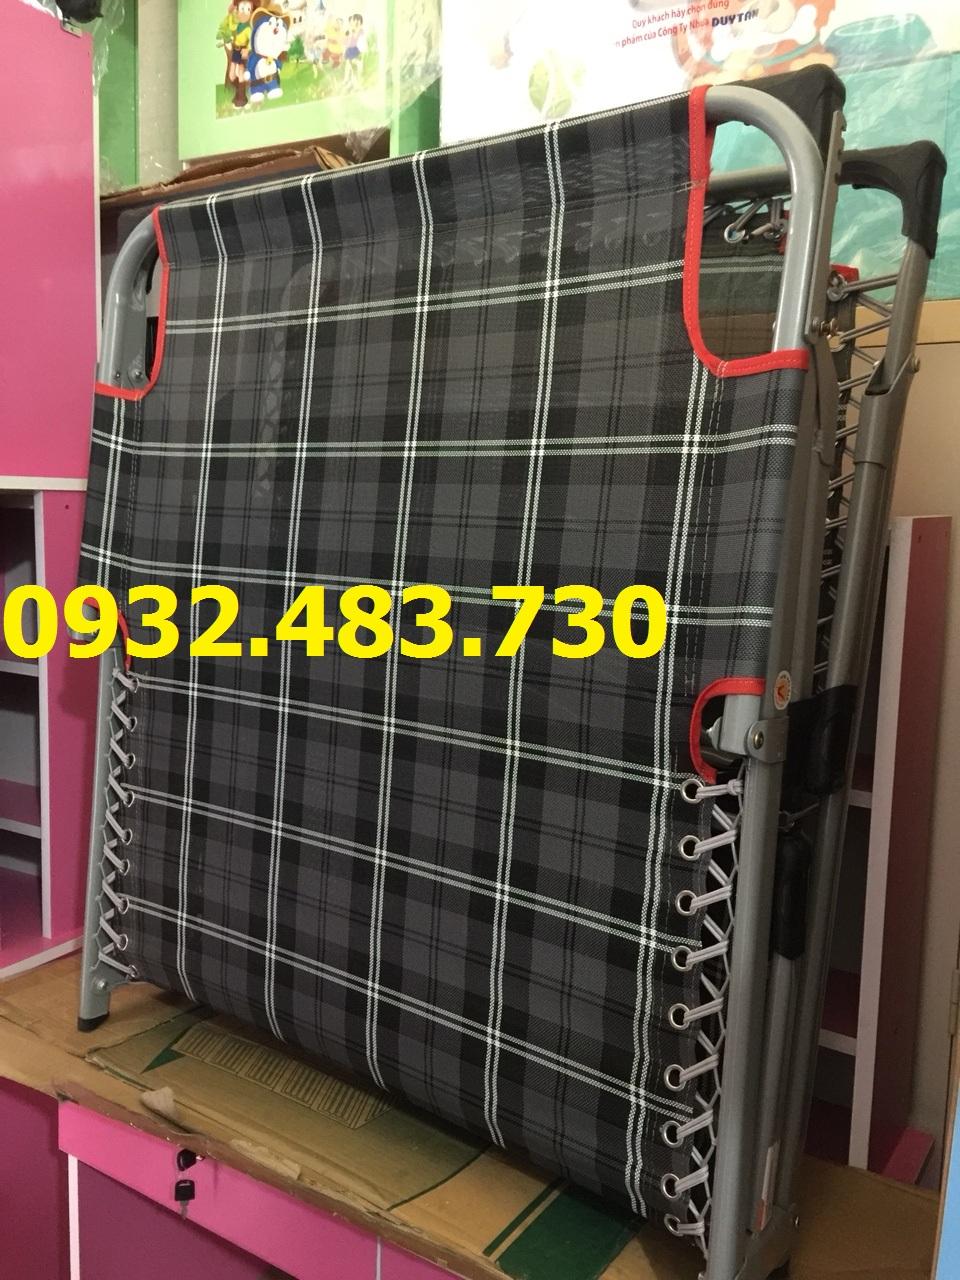 Giường xếp cao cấp Sakuma ngang 85cm dài 1m9 cao 30cm màu đen